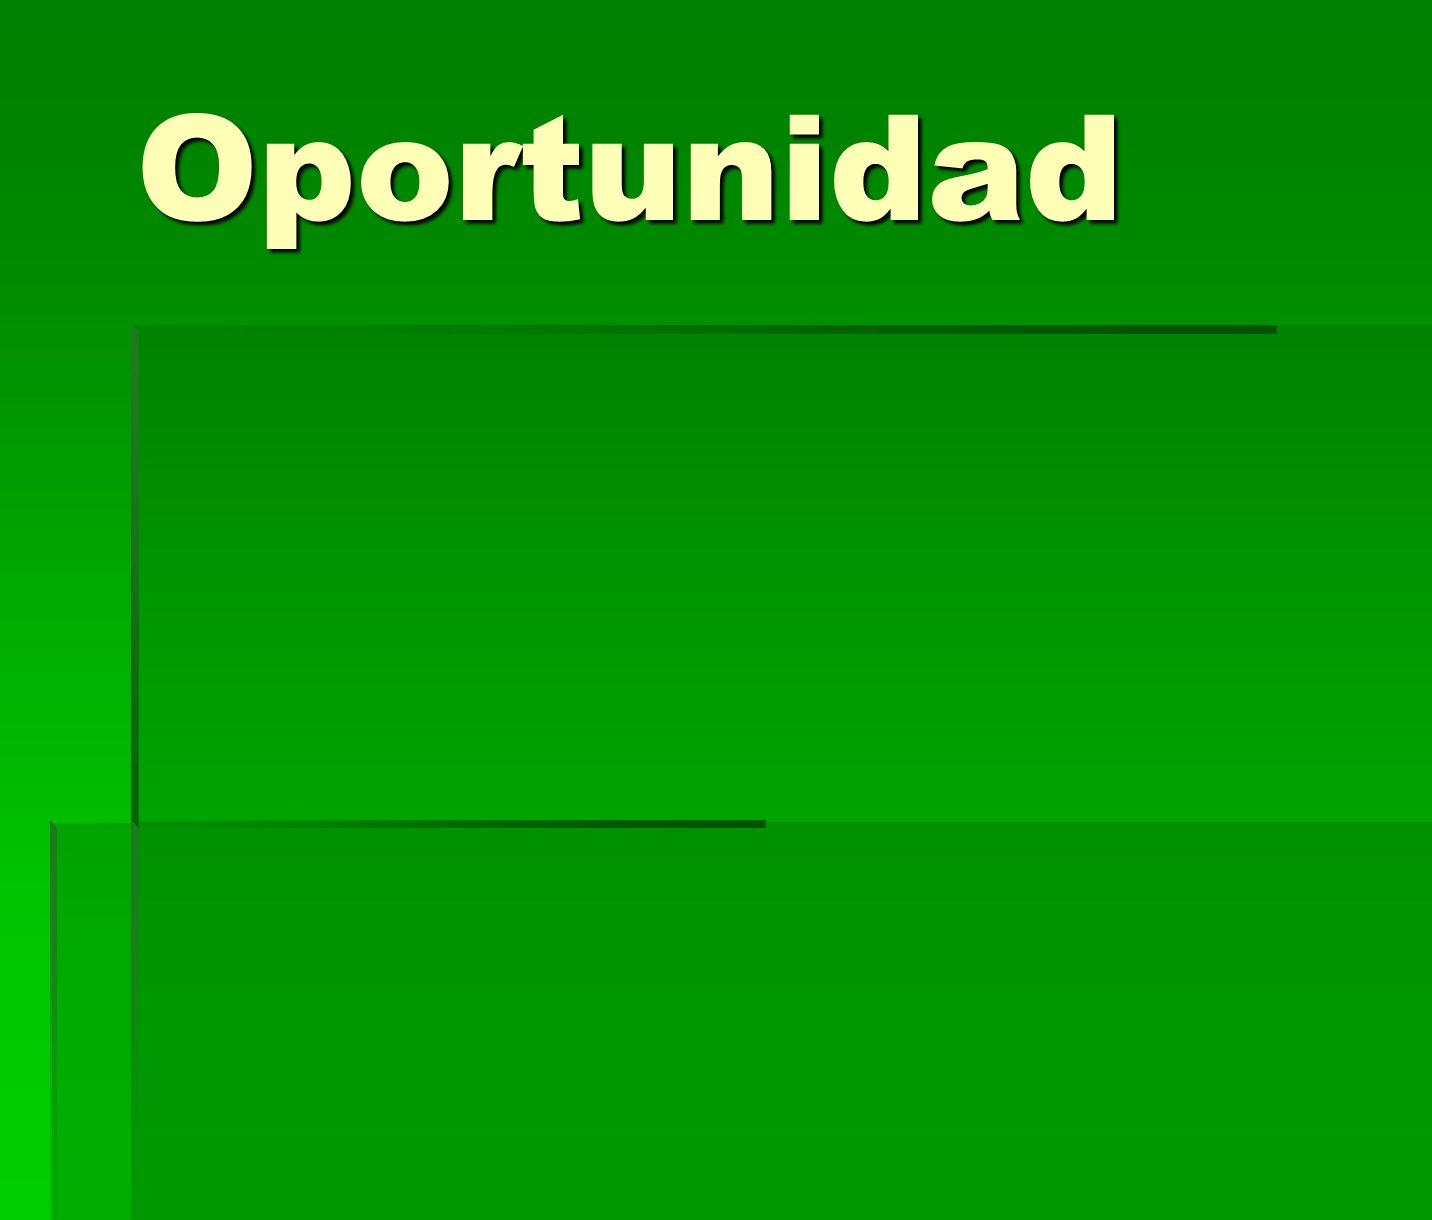 Oportunidad Puntos CONTUNDENTES de oportunidad ESTE AÑO